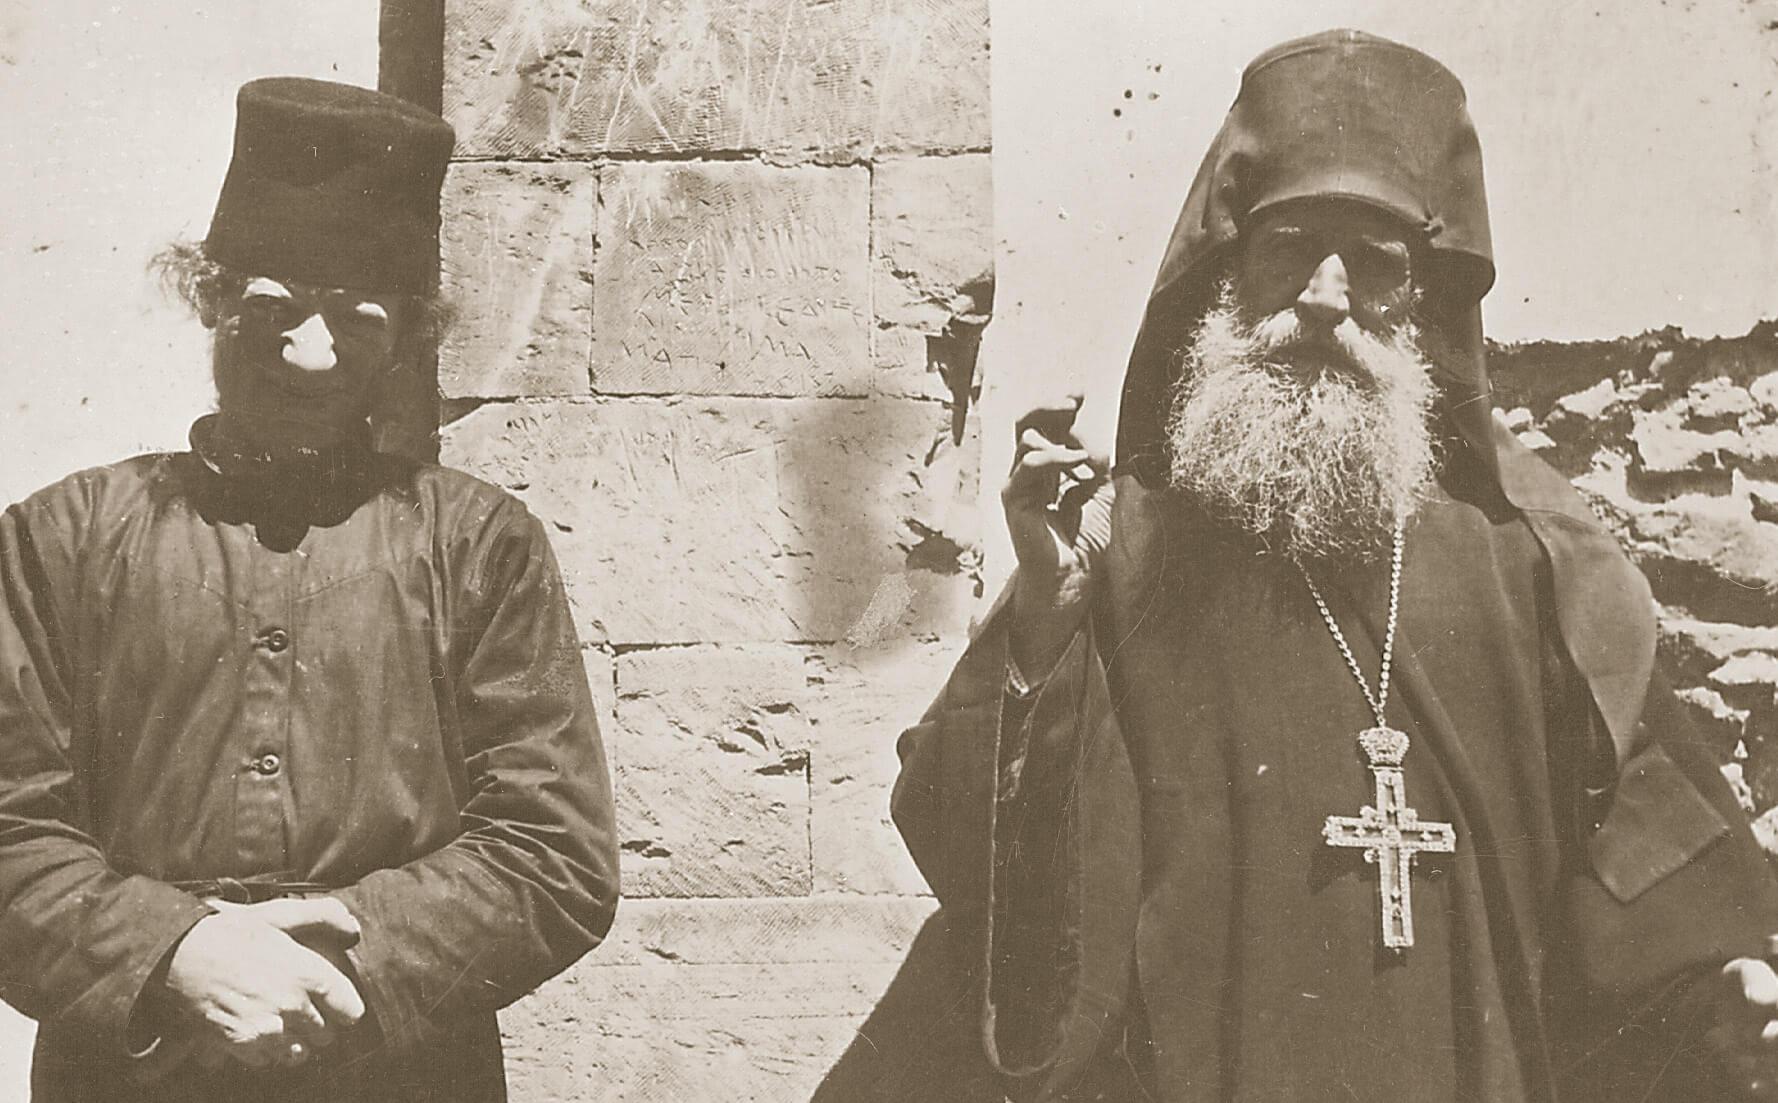 Ὁ ἅγιος Νικηφόρος ὡς μοναχός μέ τόν Γέροντά του, ἅγιο Ἄνθιμο τῆς Χίου.